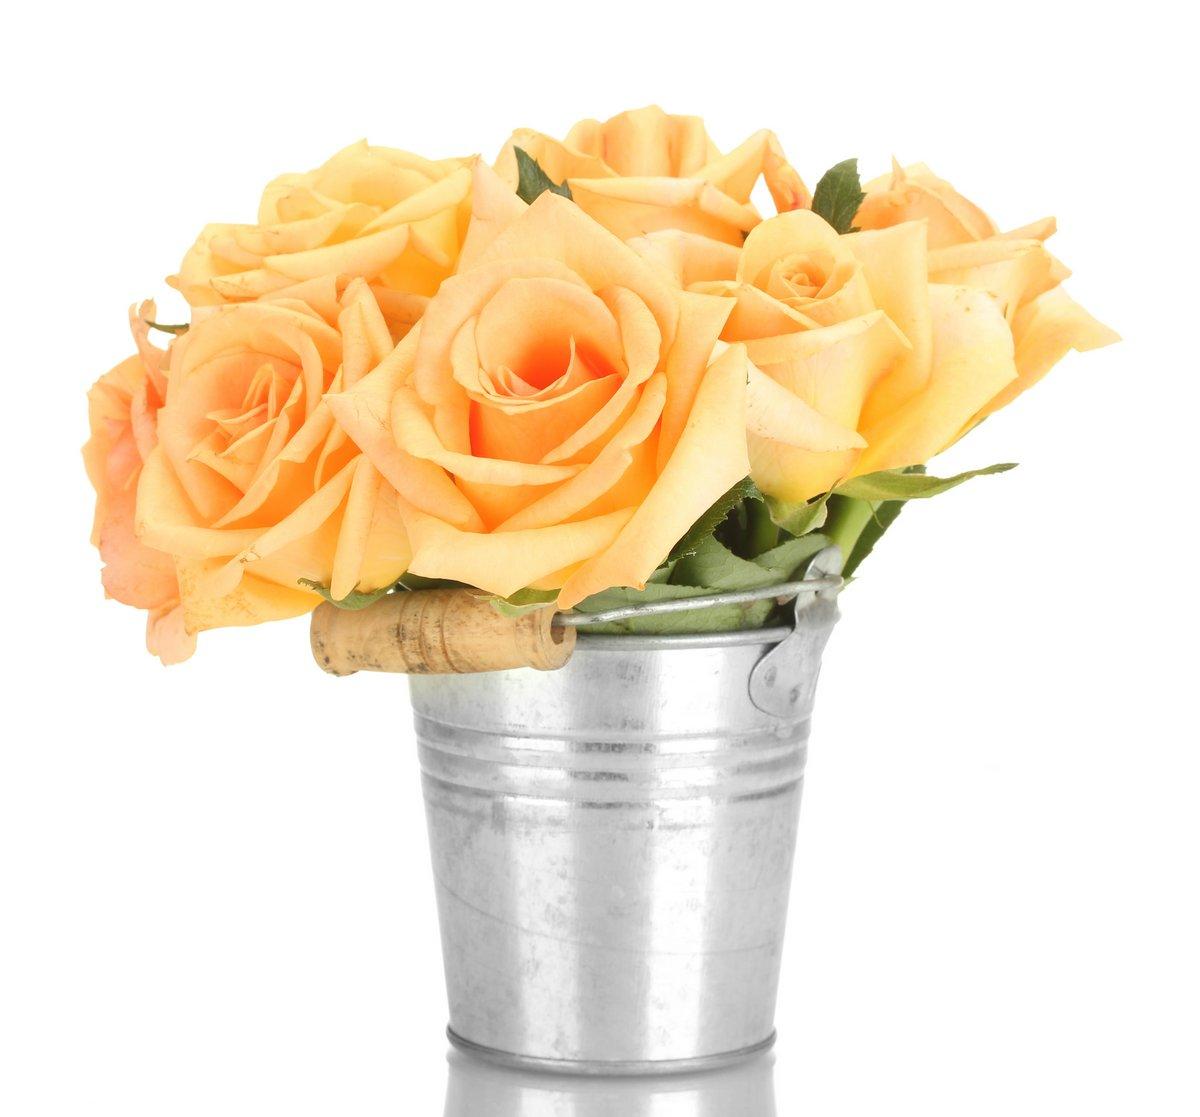 Постер Розы Красивый букет роз в ведро, изолированных на белый.Розы<br>Постер на холсте или бумаге. Любого нужного вам размера. В раме или без. Подвес в комплекте. Трехслойная надежная упаковка. Доставим в любую точку России. Вам осталось только повесить картину на стену!<br>